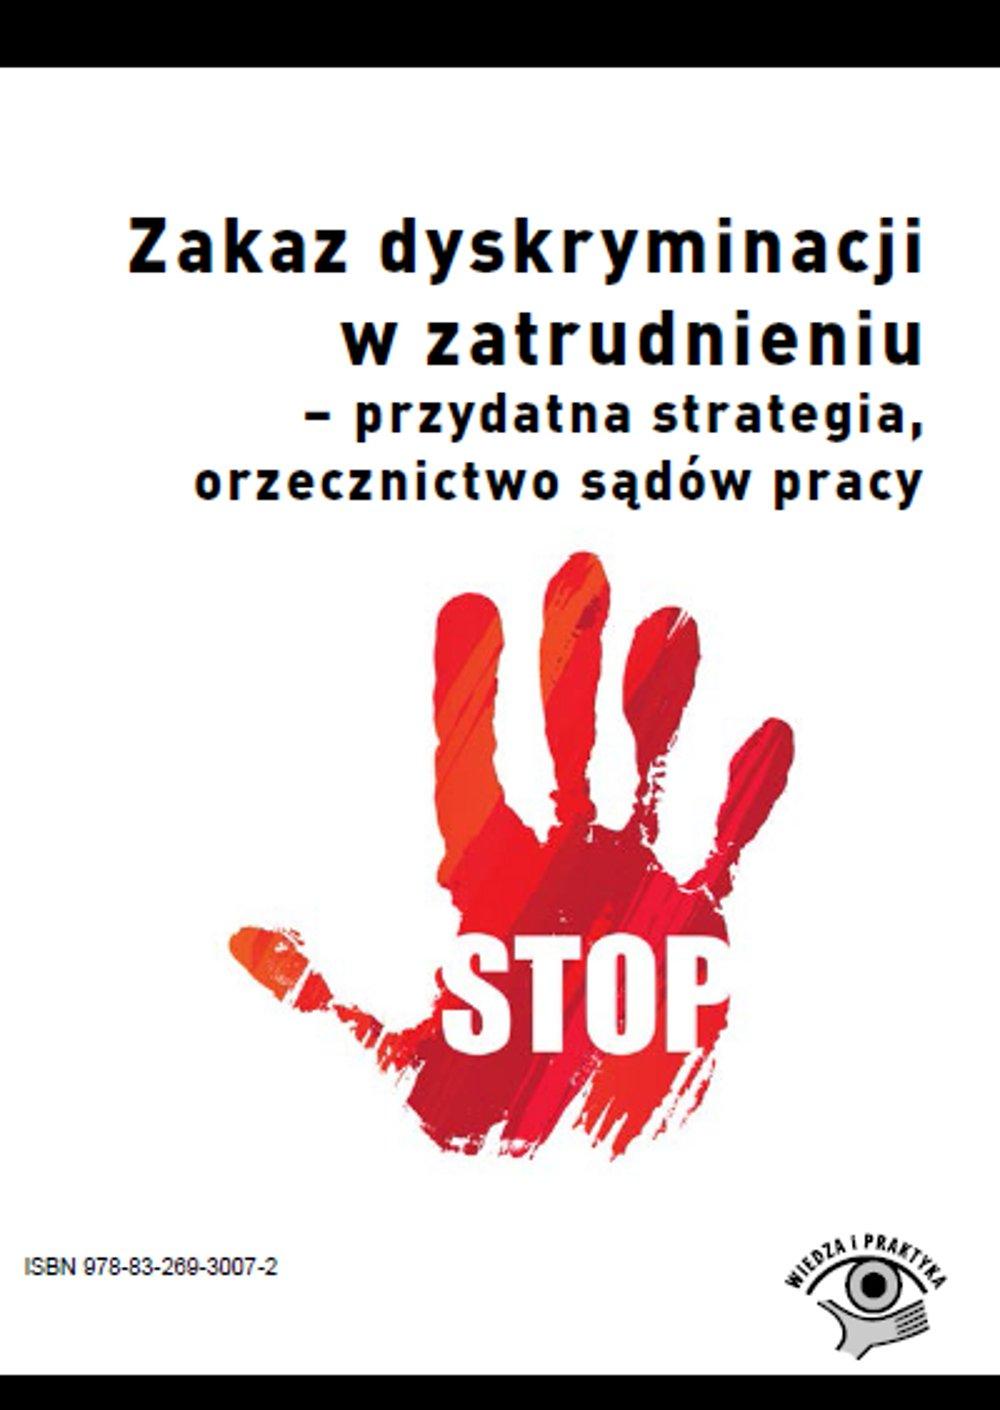 Zakaz dyskryminacji w zatrudnieniu - przydatna strategia, orzecznictwo sądów pracy - Ebook (Książka PDF) do pobrania w formacie PDF